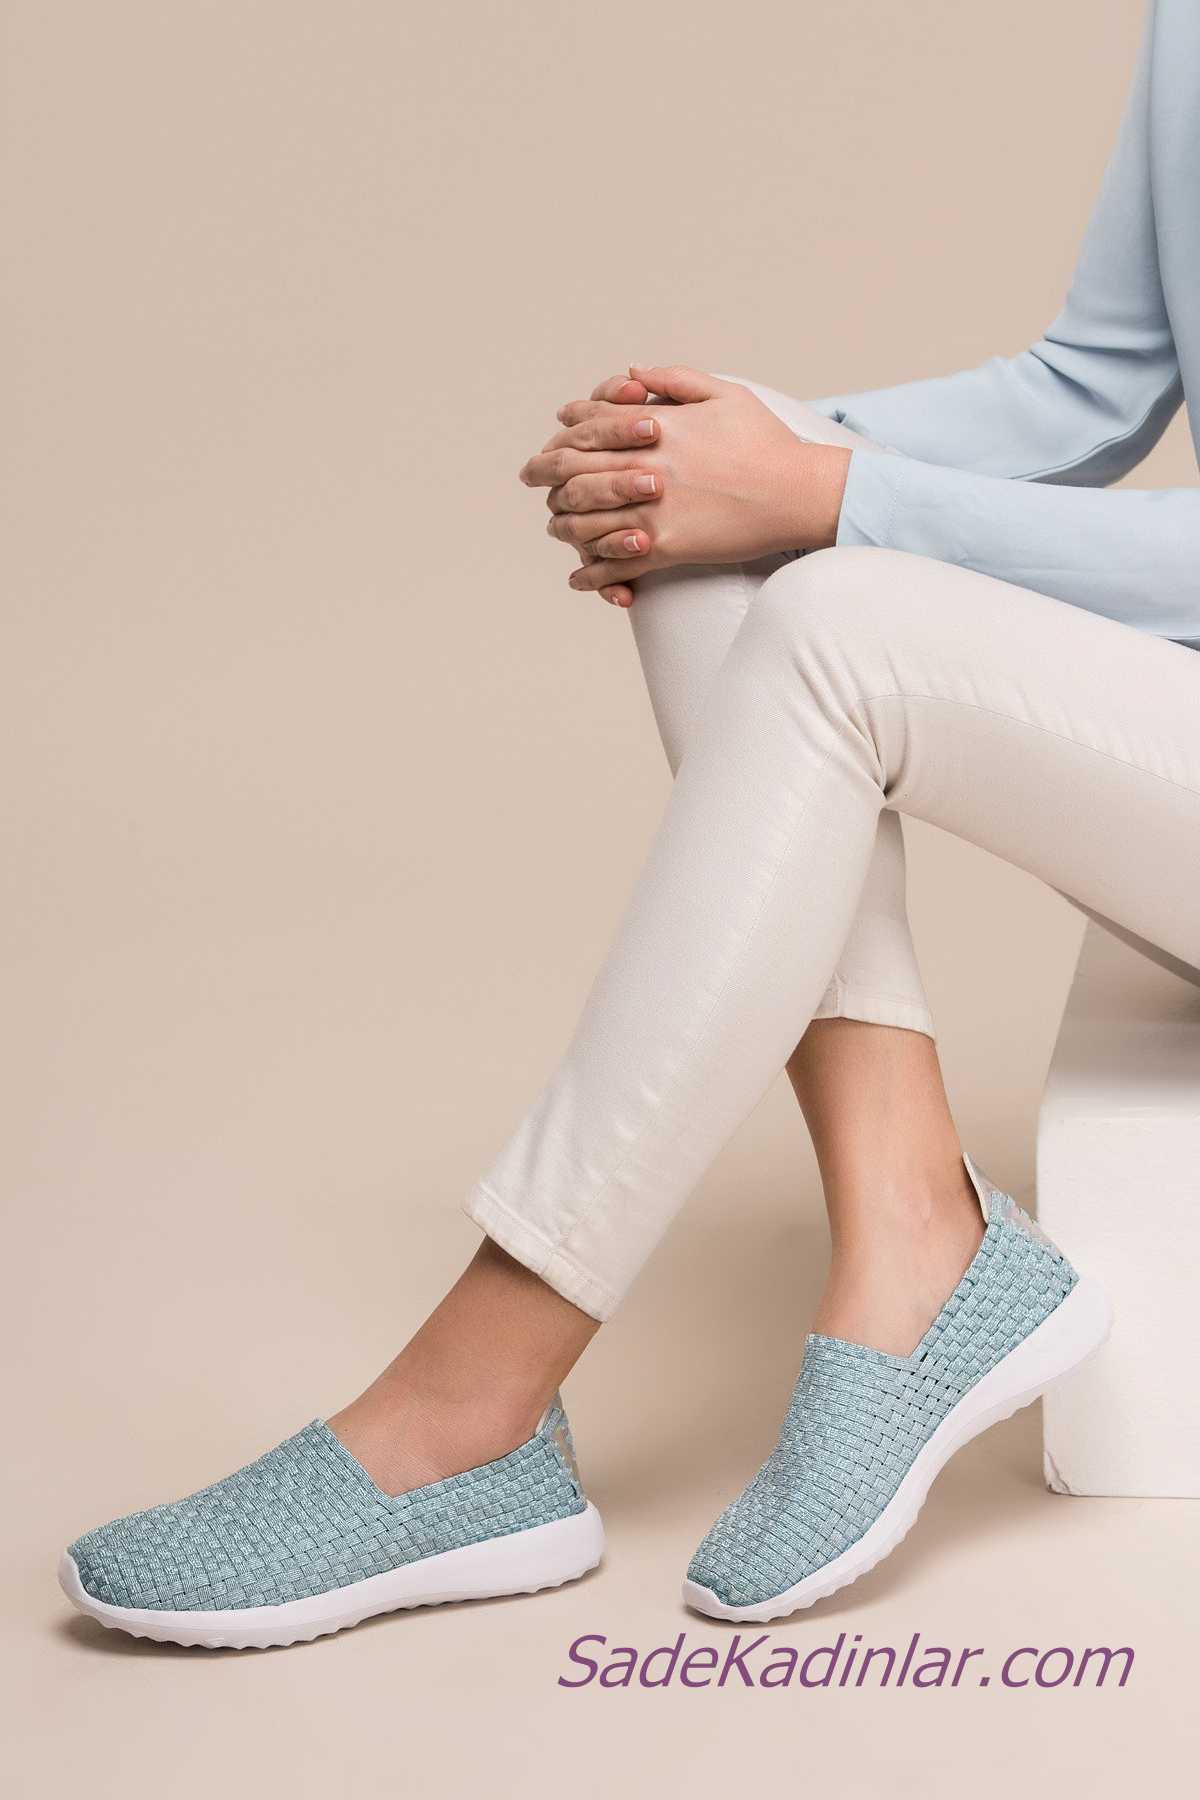 Sneakers Bayan Spor Ayakkabı Modelleri Bebek Mavisi Hasır Örgü Desenli